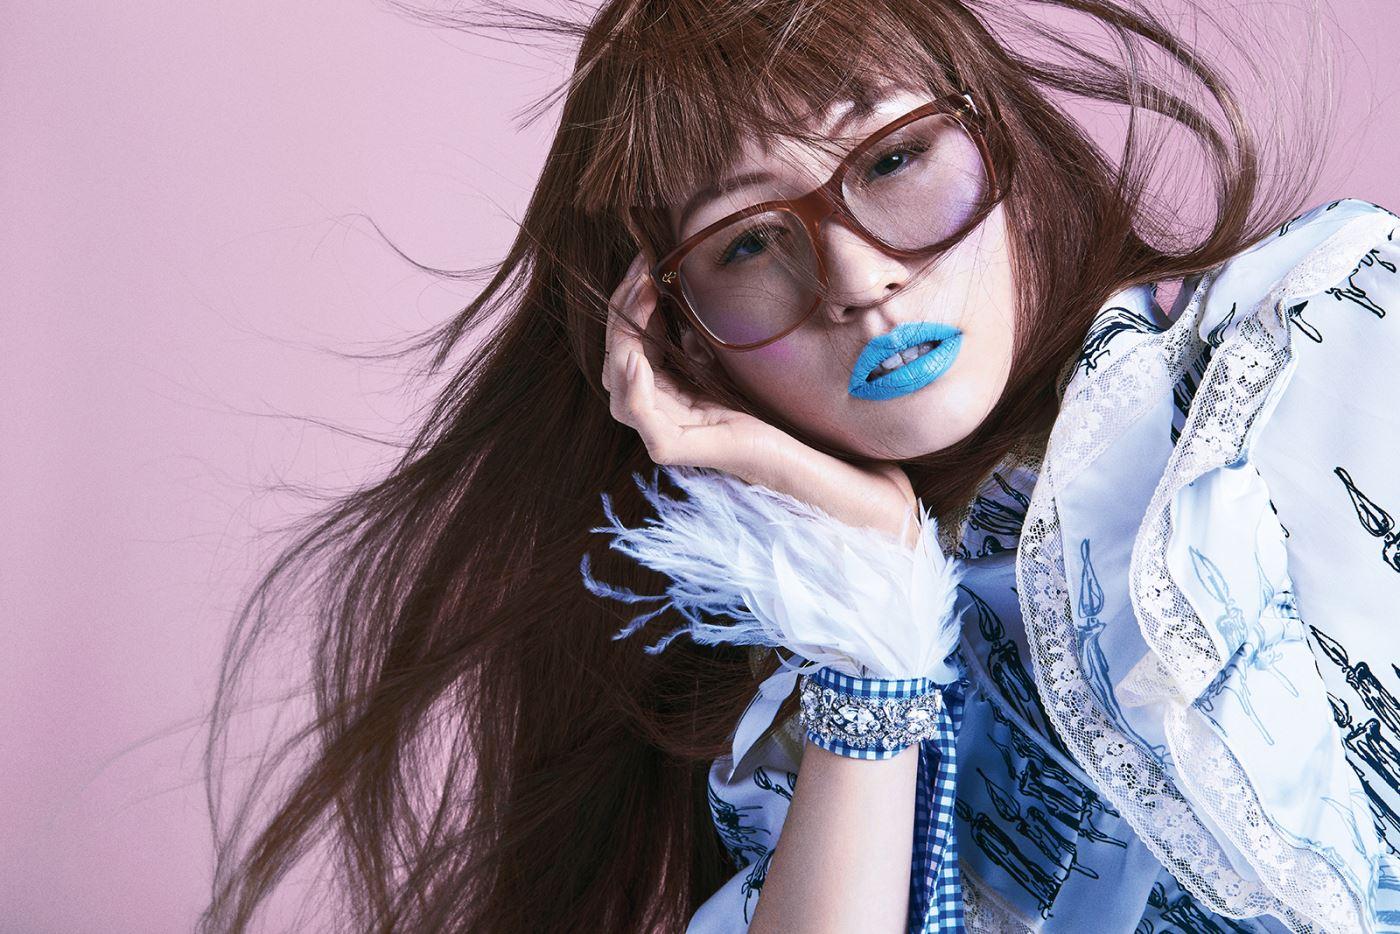 촛불 프린트의 드레스와 팔찌로 연출한 깃털 장식의 목걸이는 모두 Miu Miu, 빅 프레임의 선글라스는 Gucci 제품.